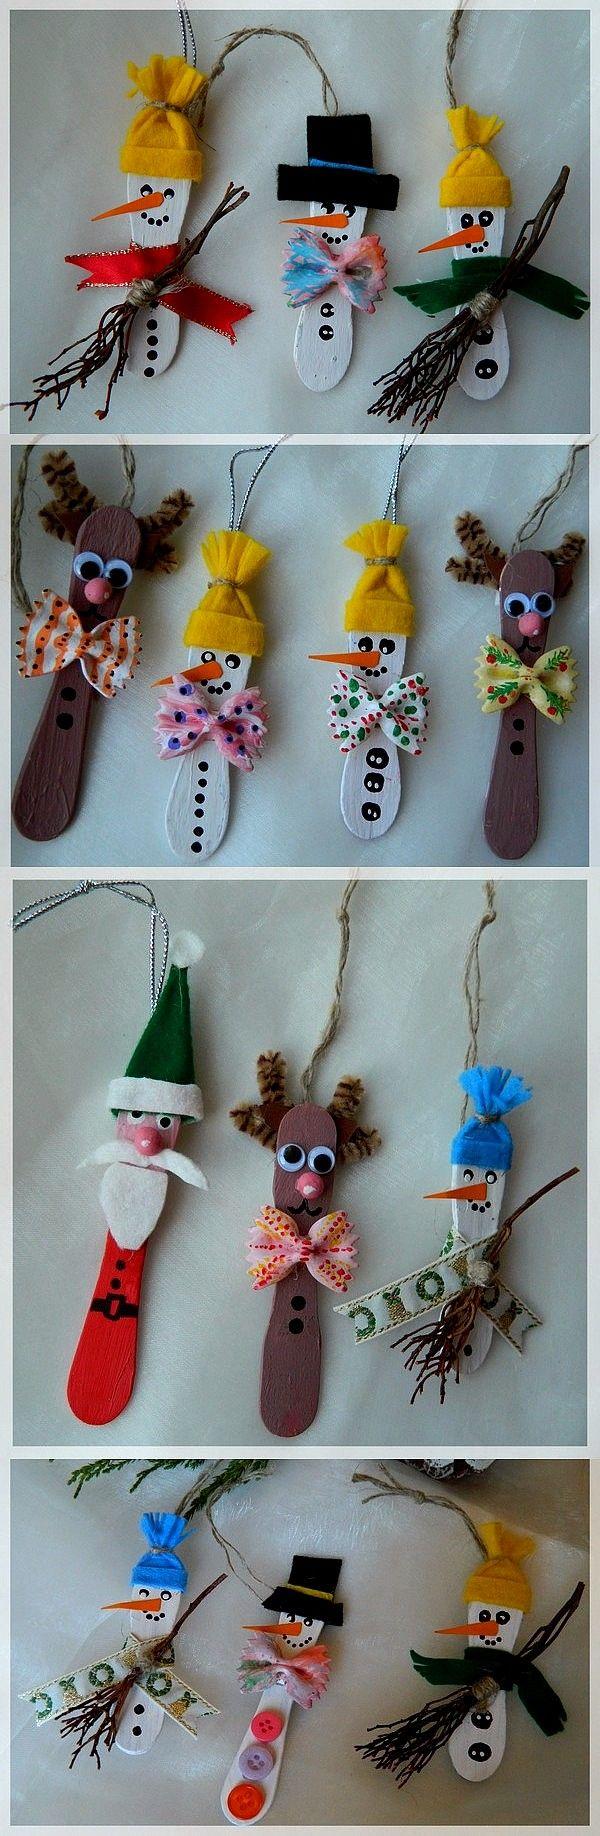 Personnages de noël avec des bâtons de glace.